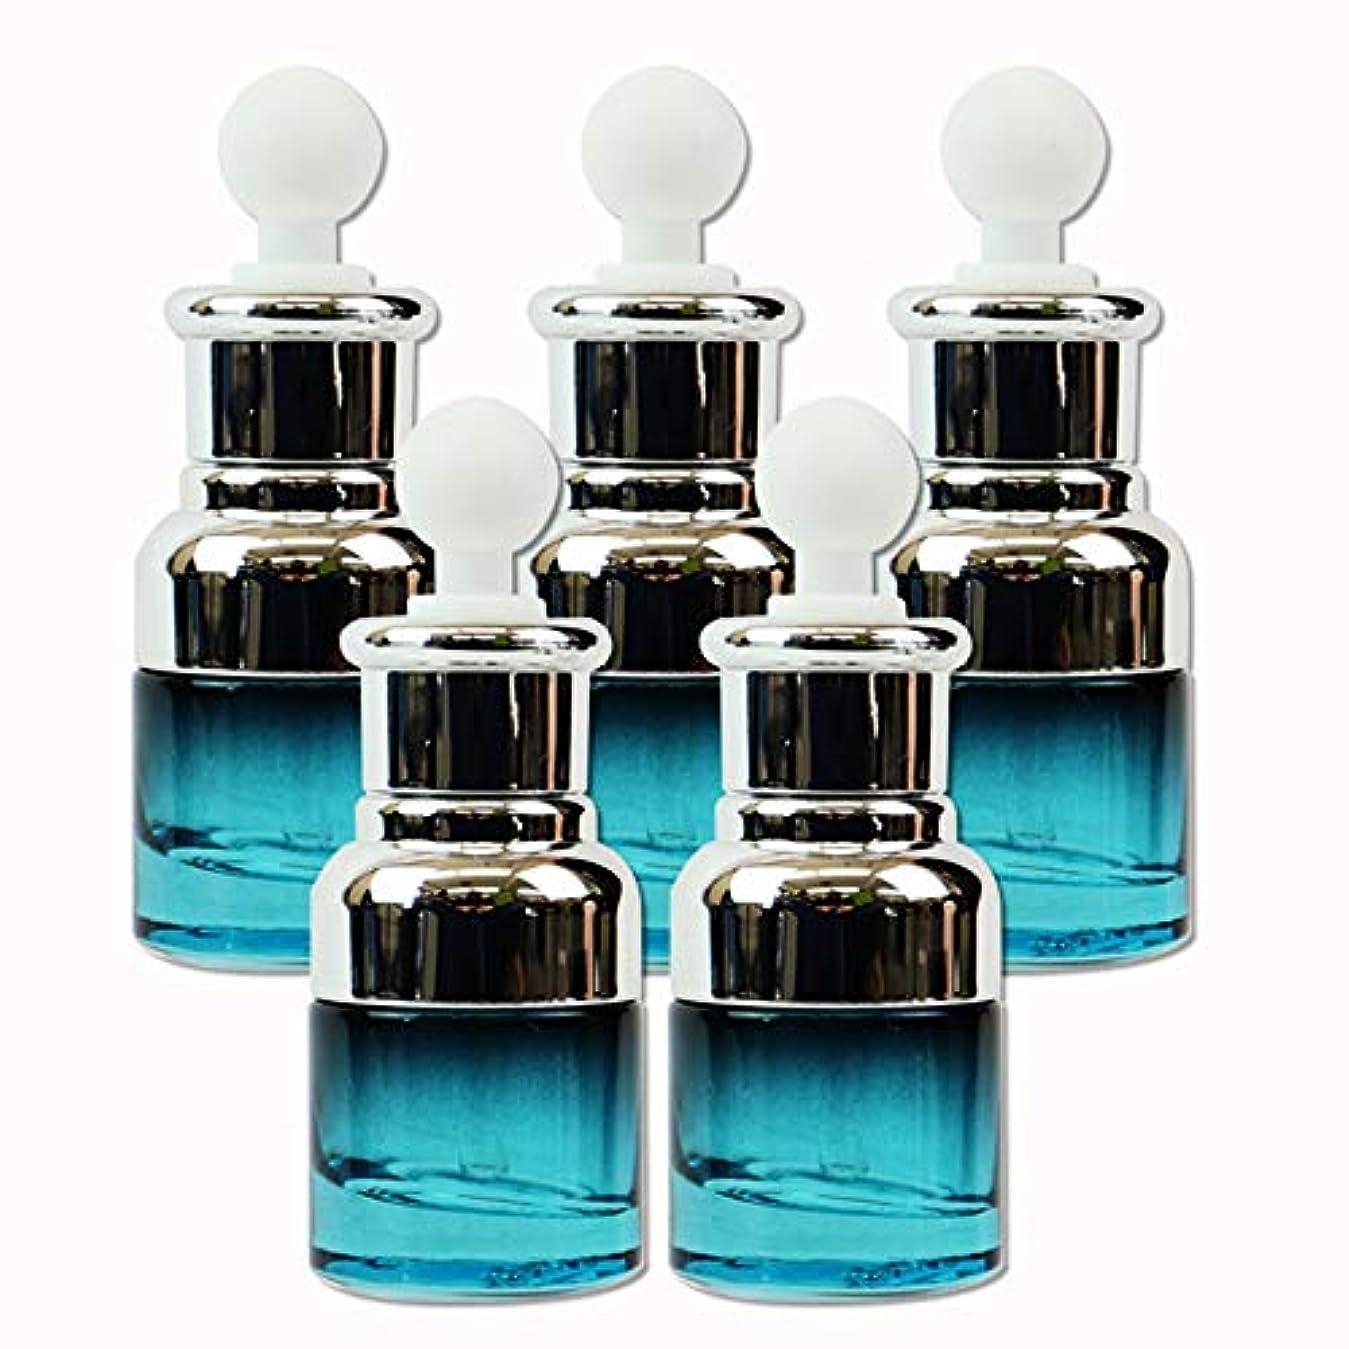 ハウジング出費押し下げるedog ガラス製 遮光ボトル 5本セット スポイト式 20ml 香水 エッセンシャルオイル アロマ